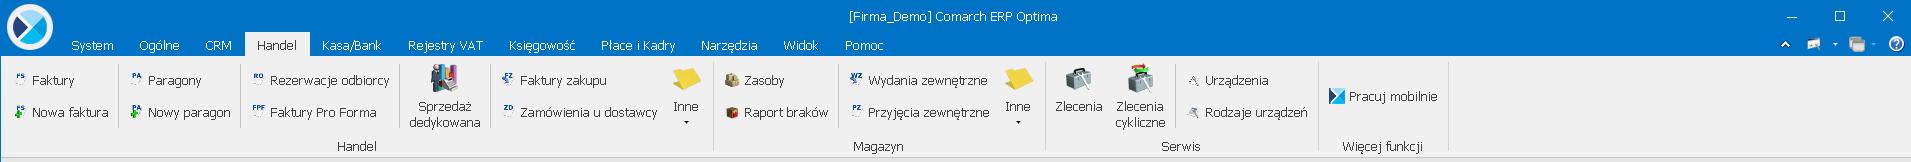 Comarch ERP Optima Menu